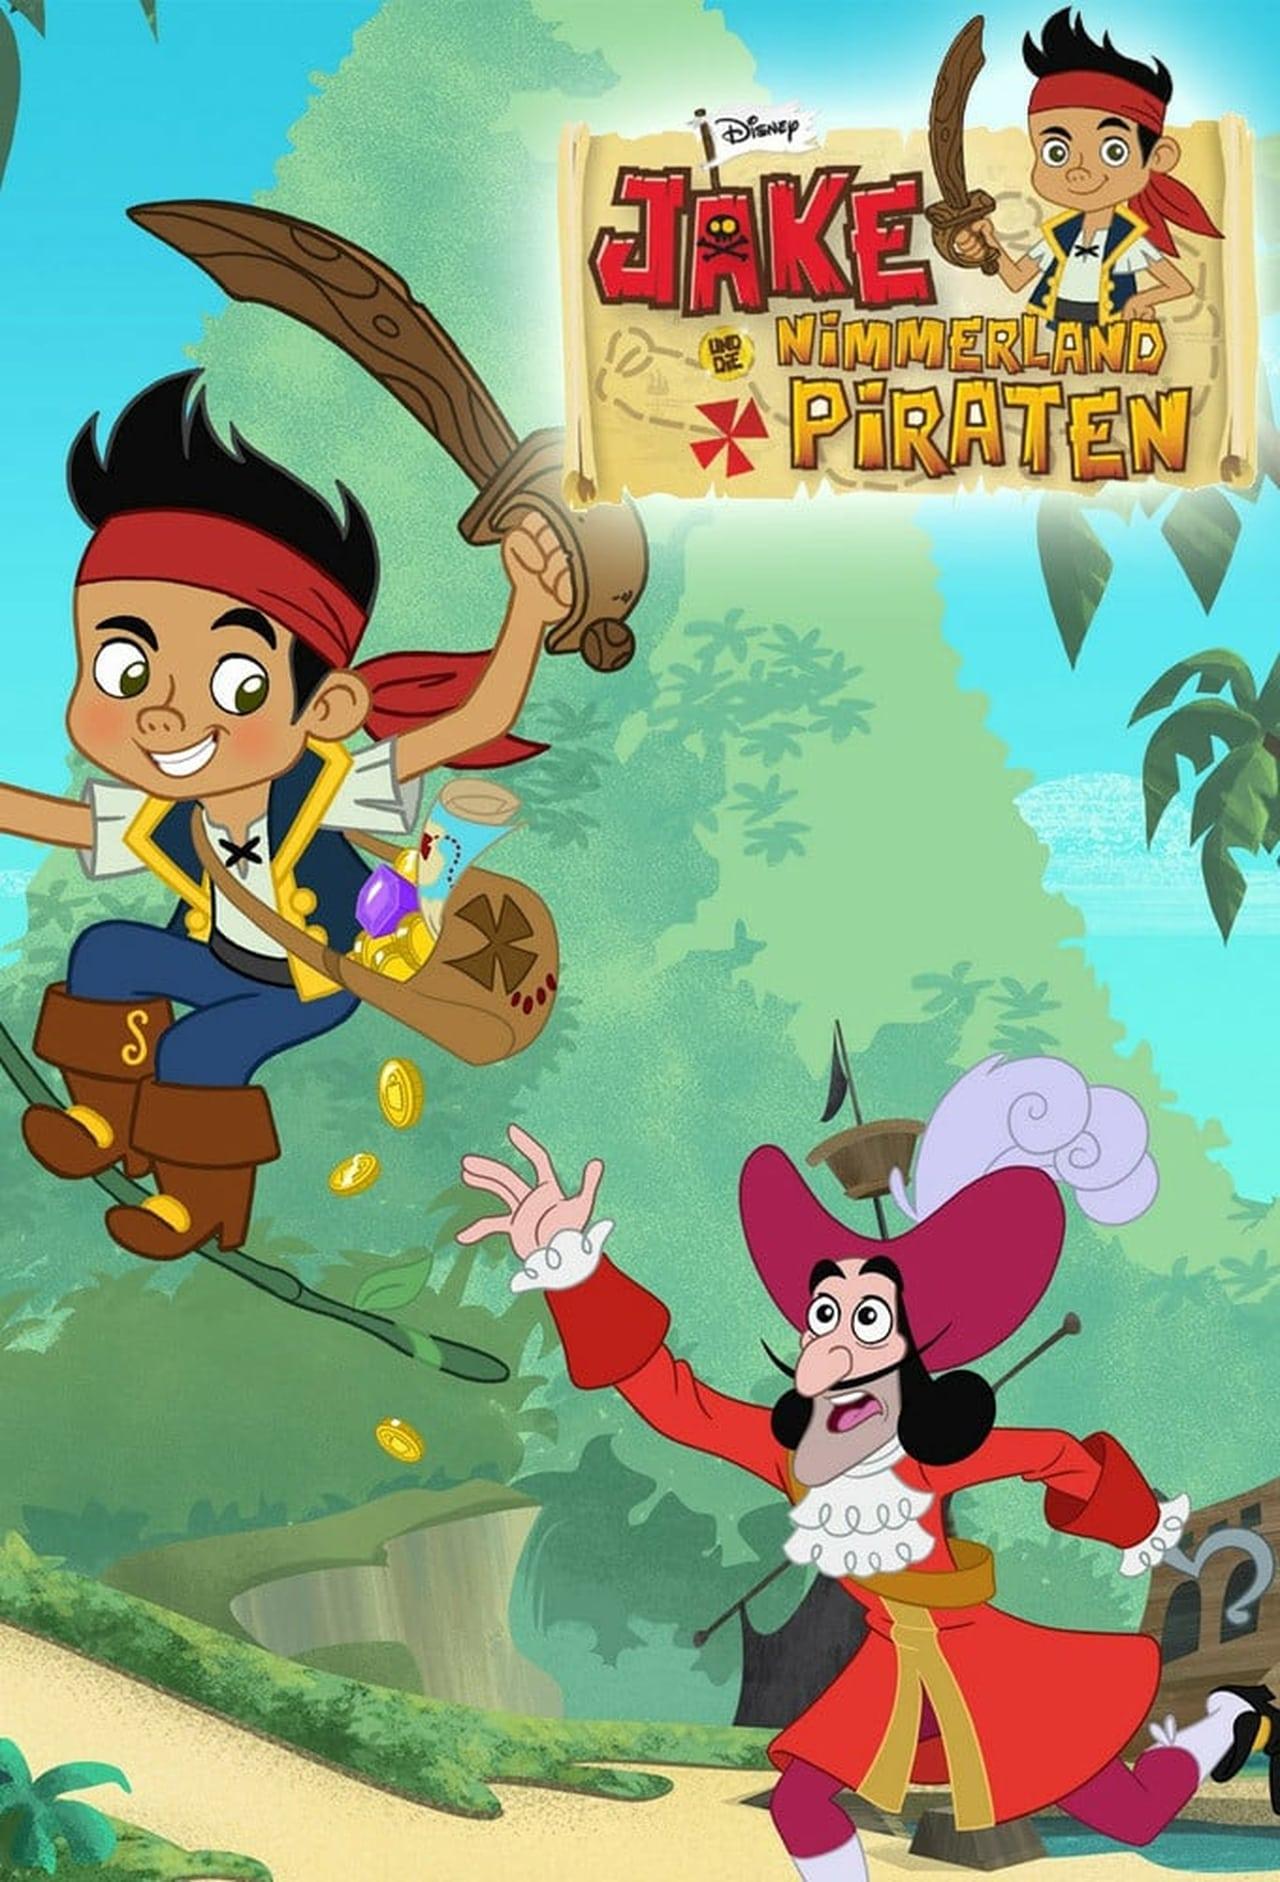 Wer Streamt Jake Und Die Nimmerland Piraten? mit Jack Und Die Nimmerland Piraten Schiff